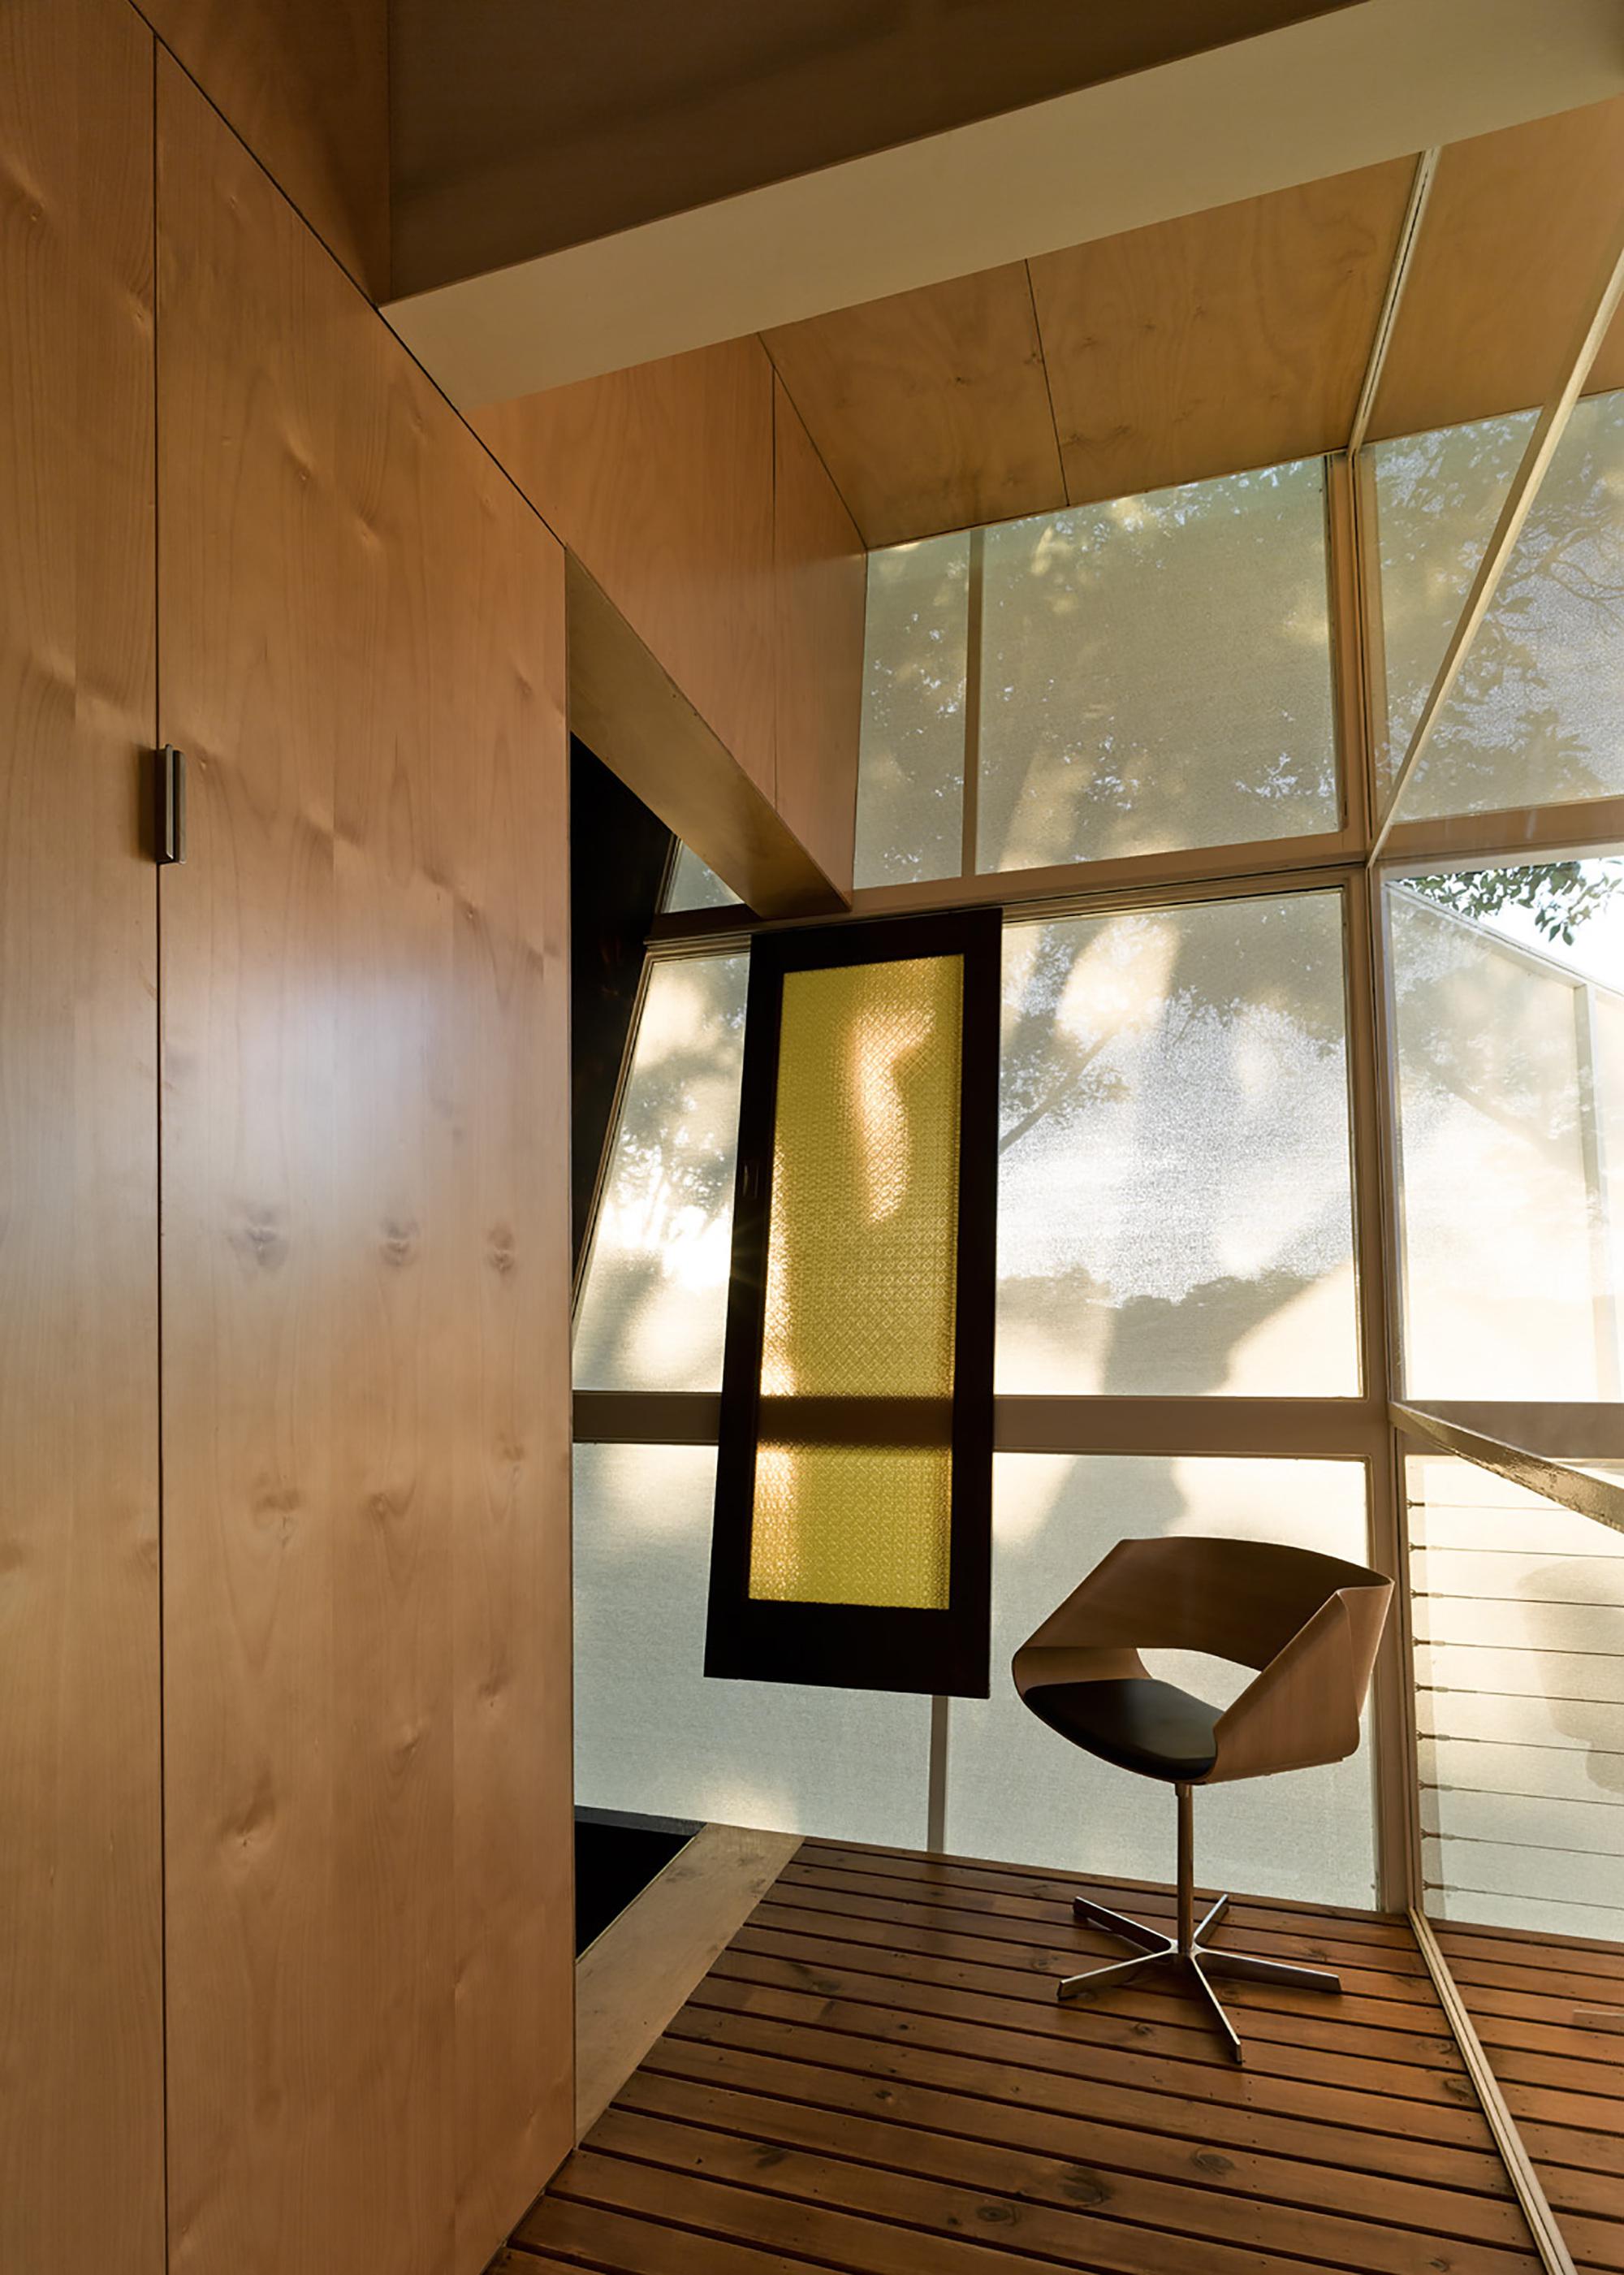 Casa 31_4 Room House